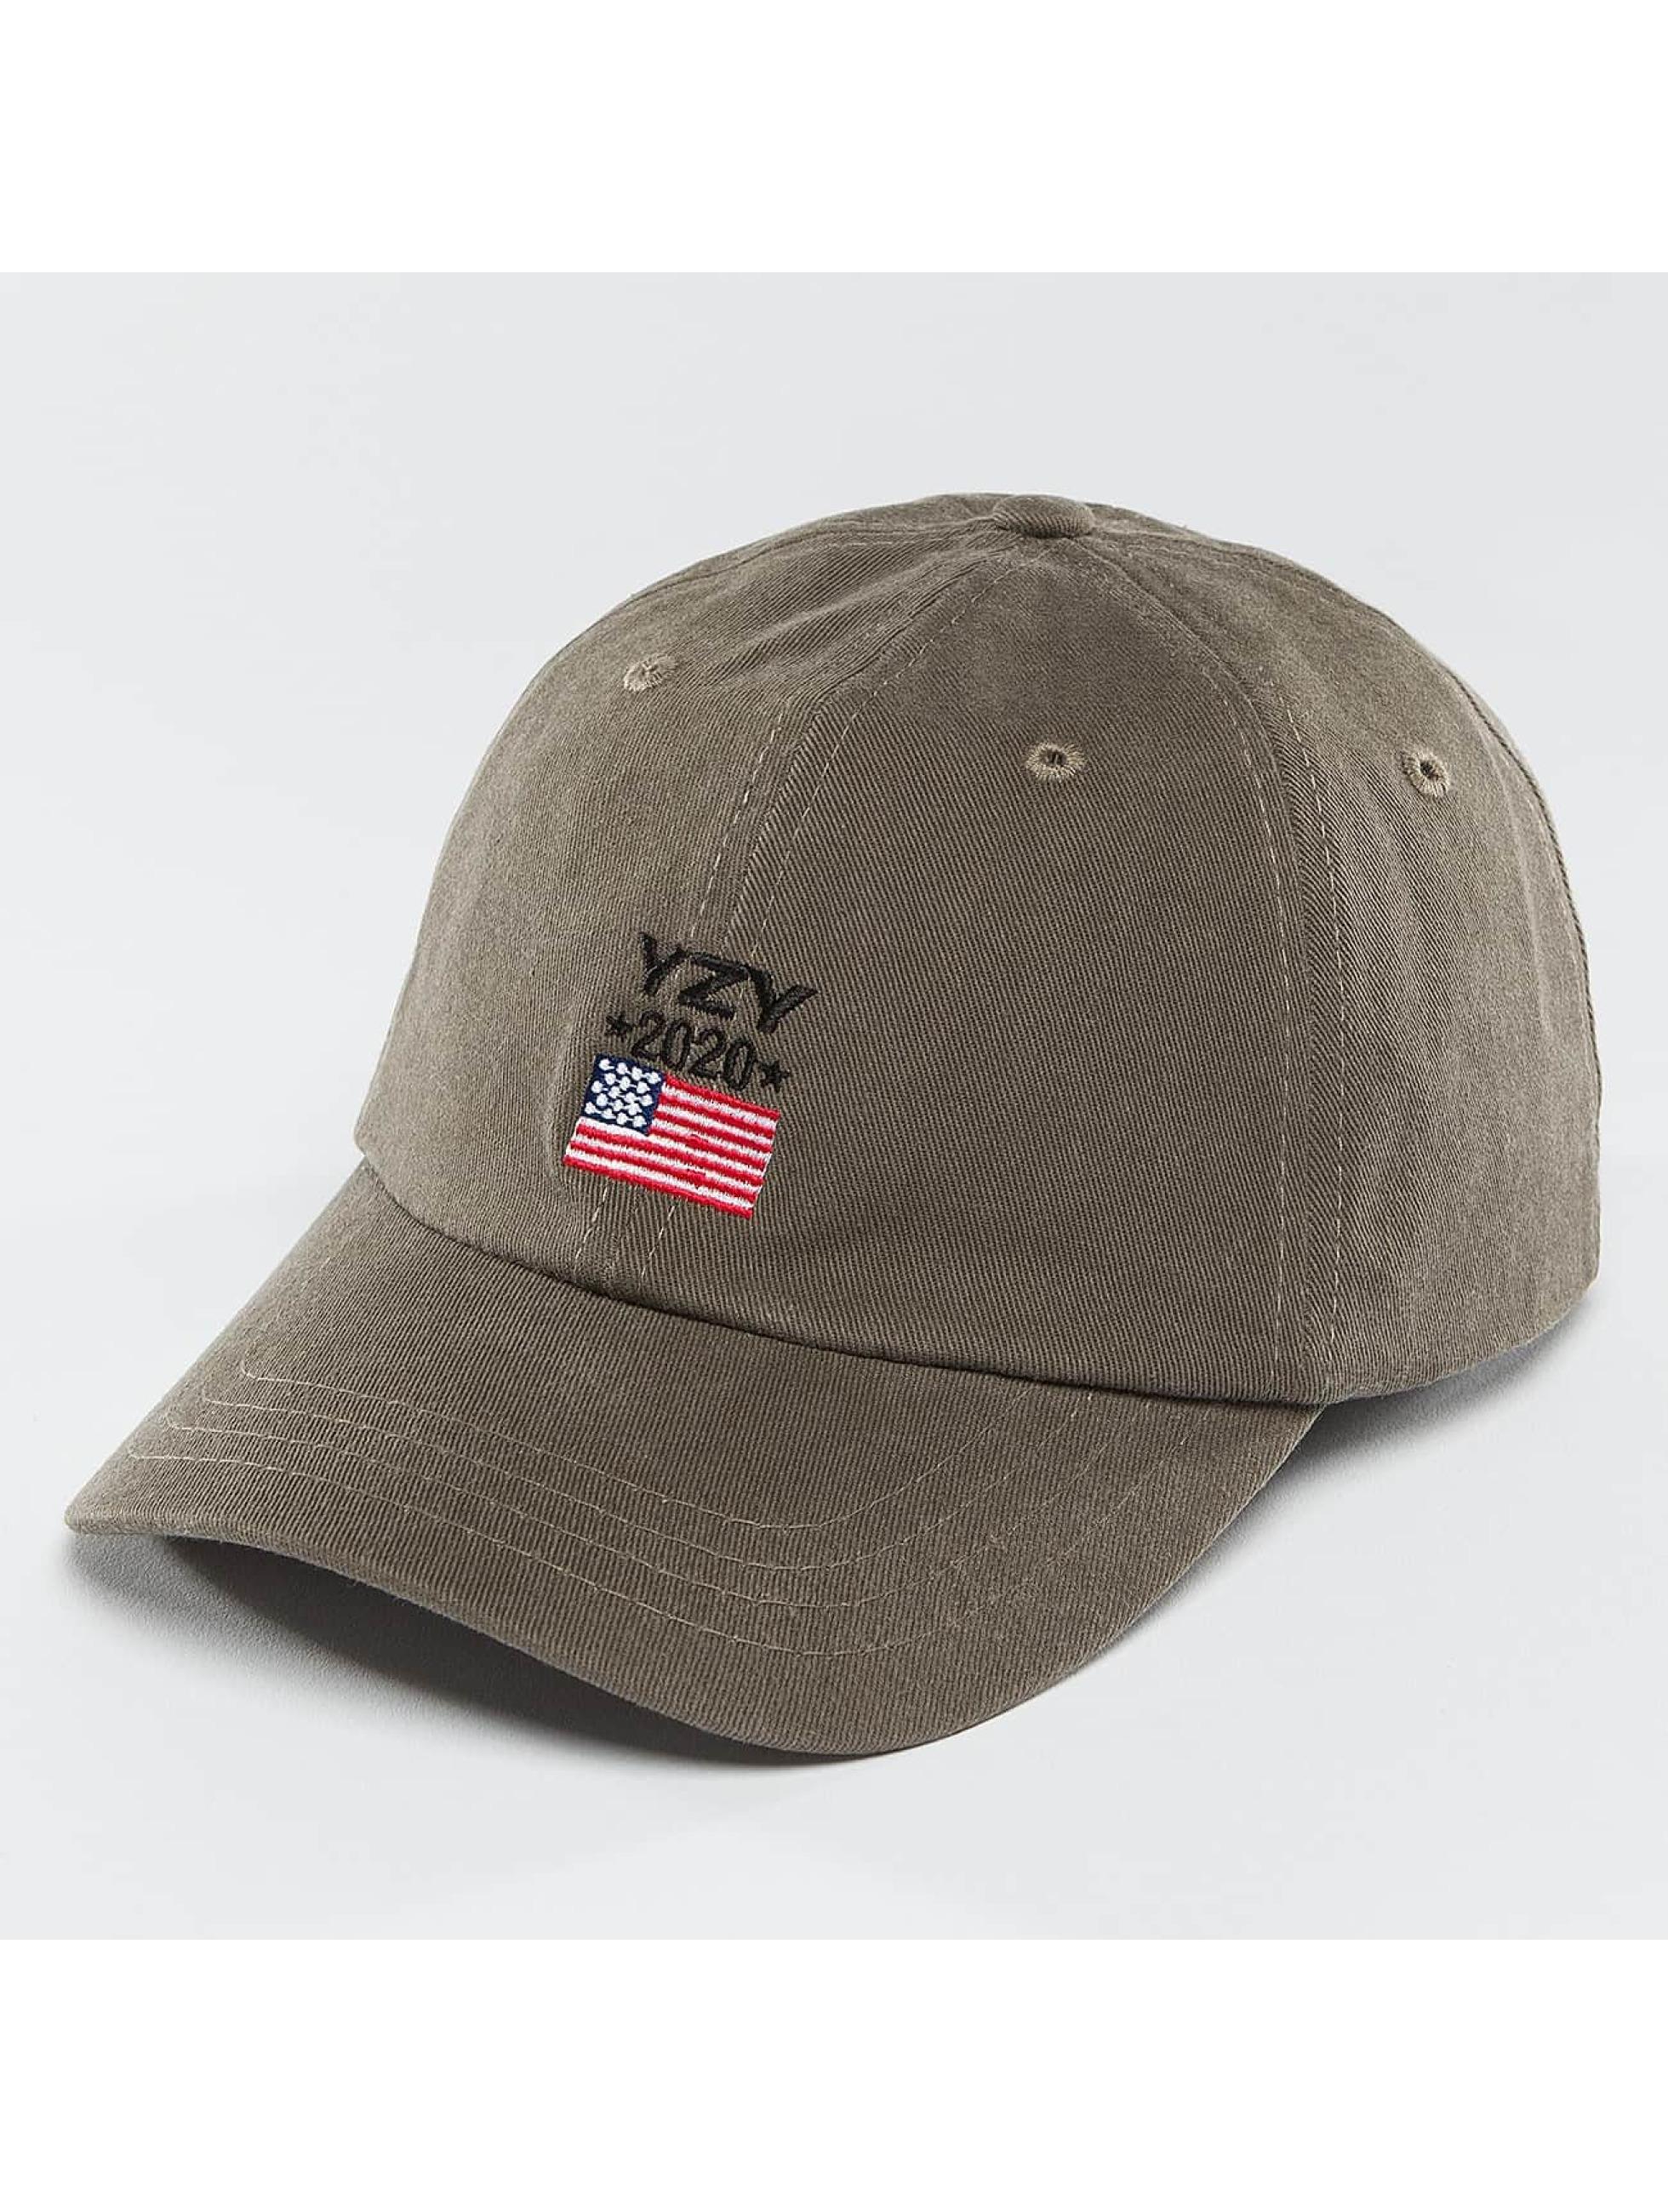 Kreem Snapback Caps YZY 2020 Dad harmaa